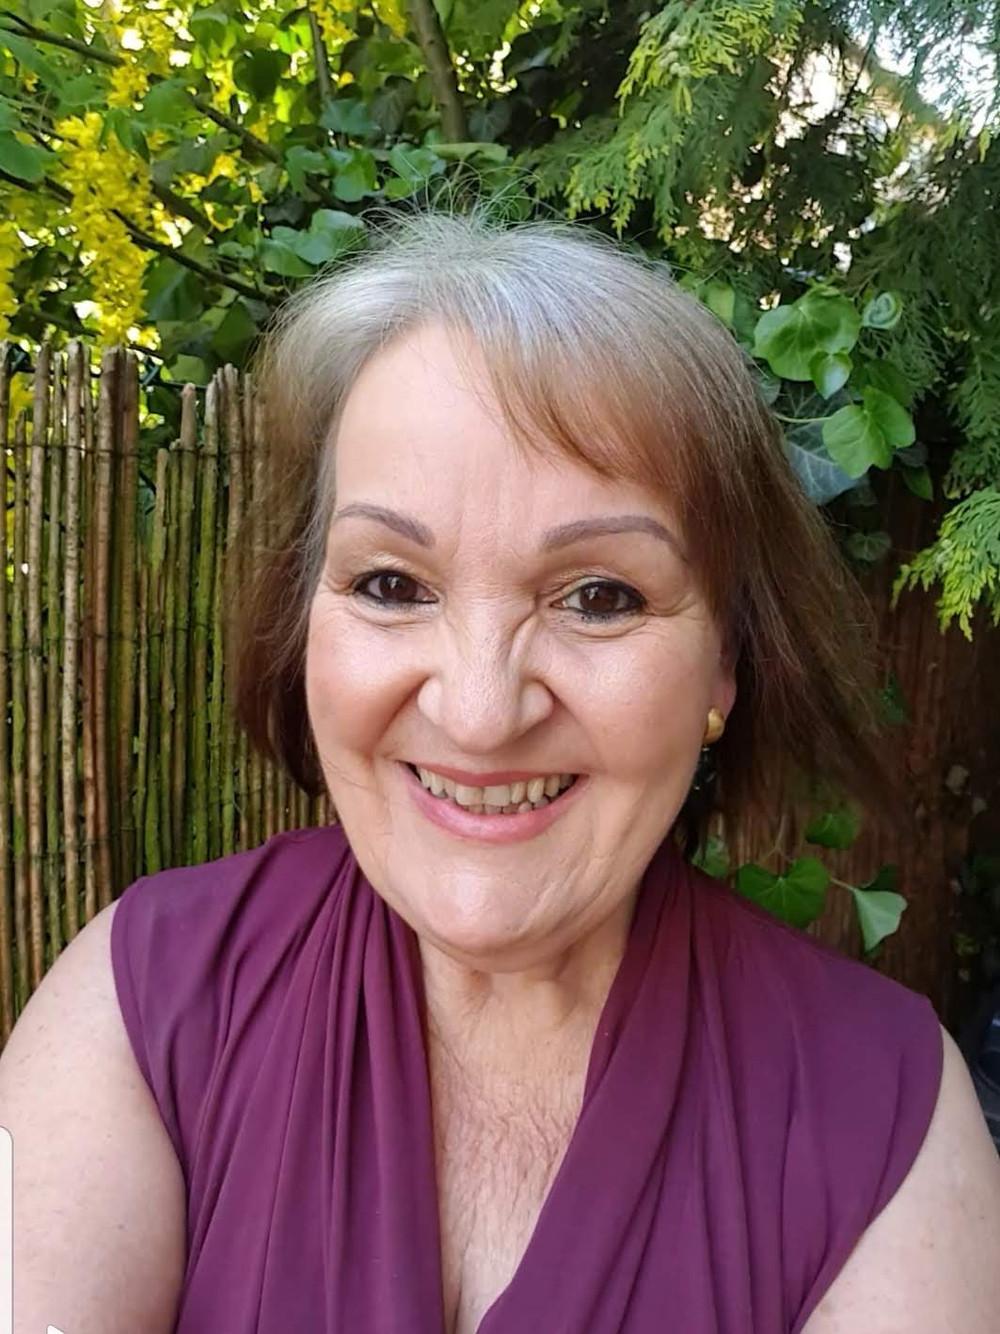 Frauenmit wehenden Haaren im Portrait. Strahlend lachend mit rotem ärmellosen Jumpsuit